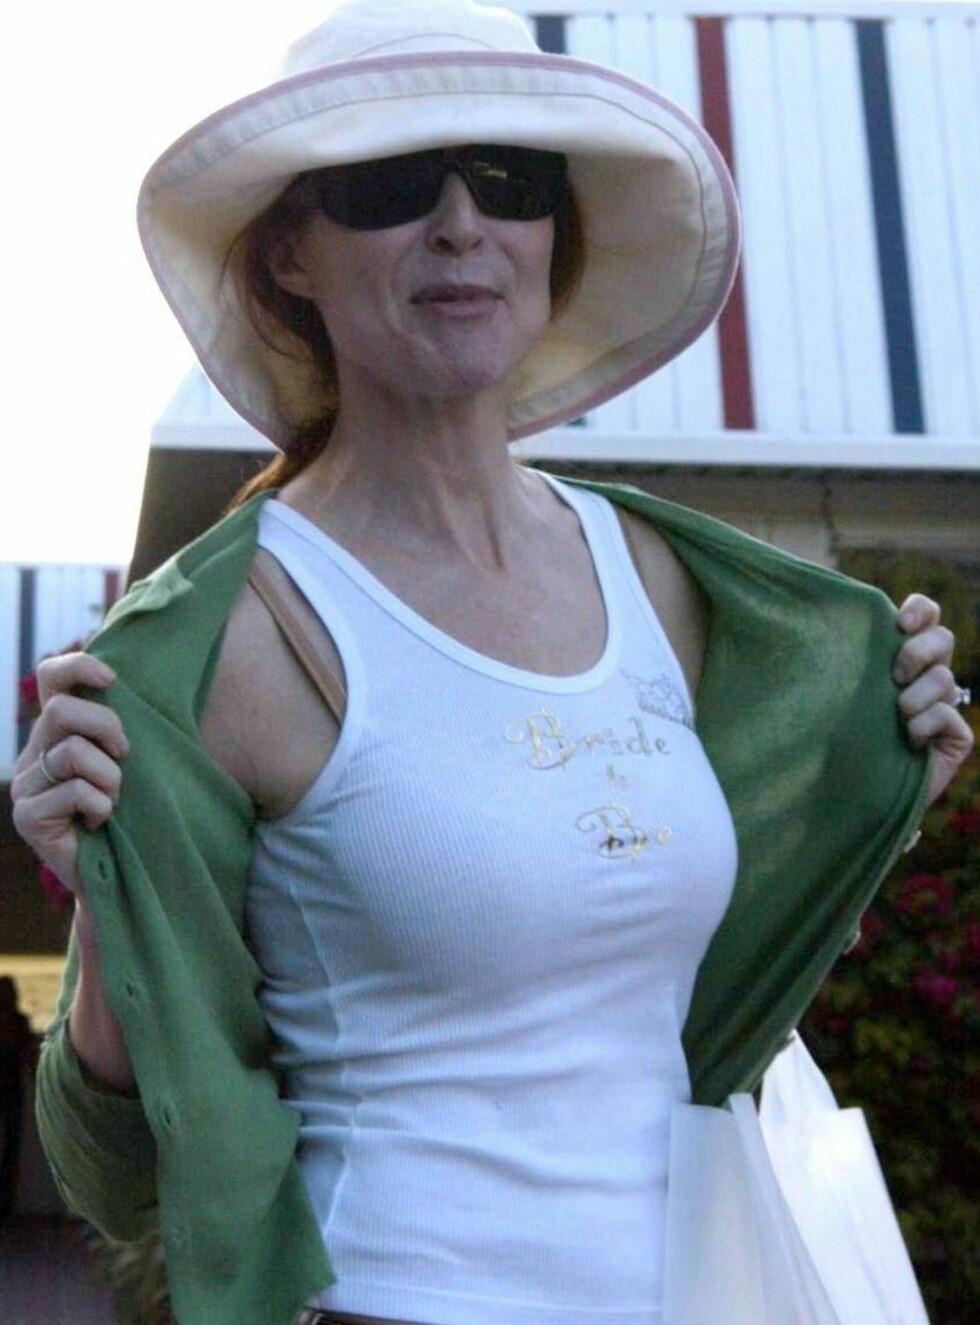 STOLT BRUD: Marcia ser ganske sliten ut - et kjent feomen fra utdrikningslag... Foto: All Over Press